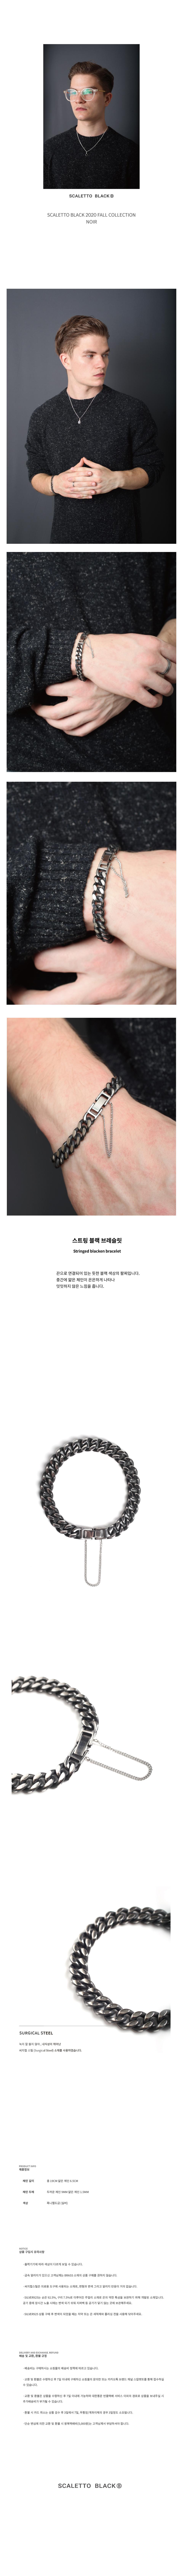 스칼렛또블랙(SCALETTOBLACK) SCB096 Stringed blacken bracelet